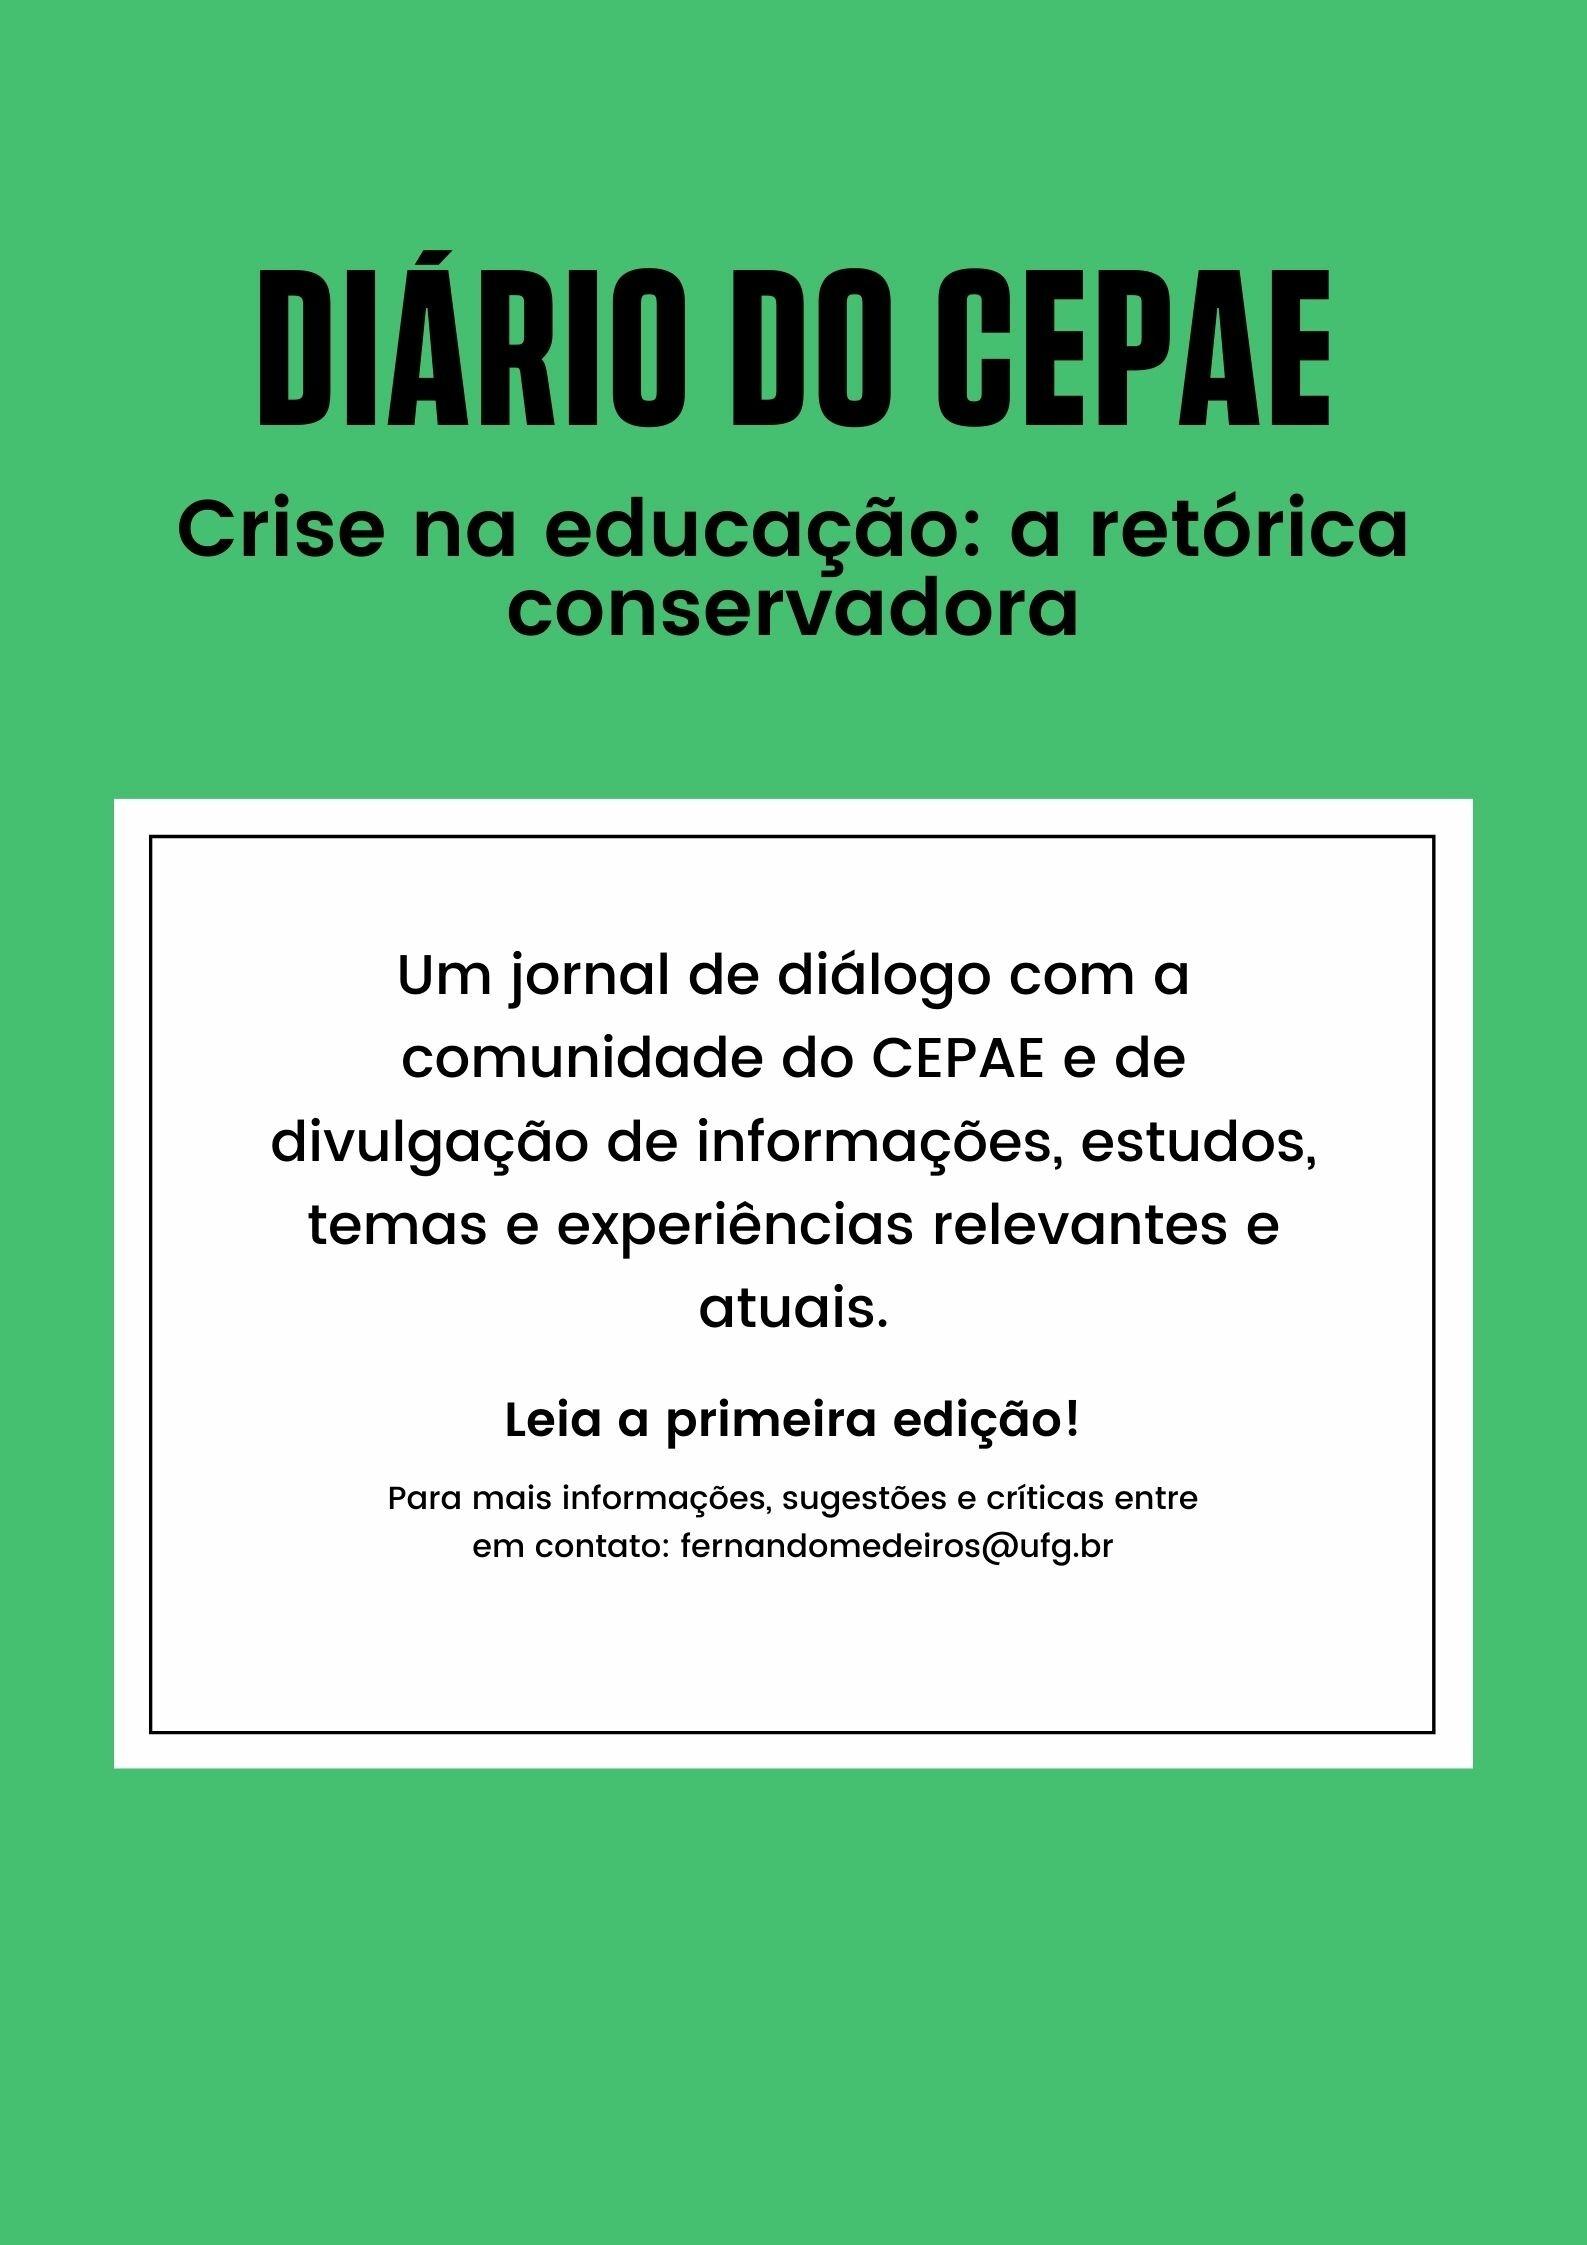 Diário do CEPAE